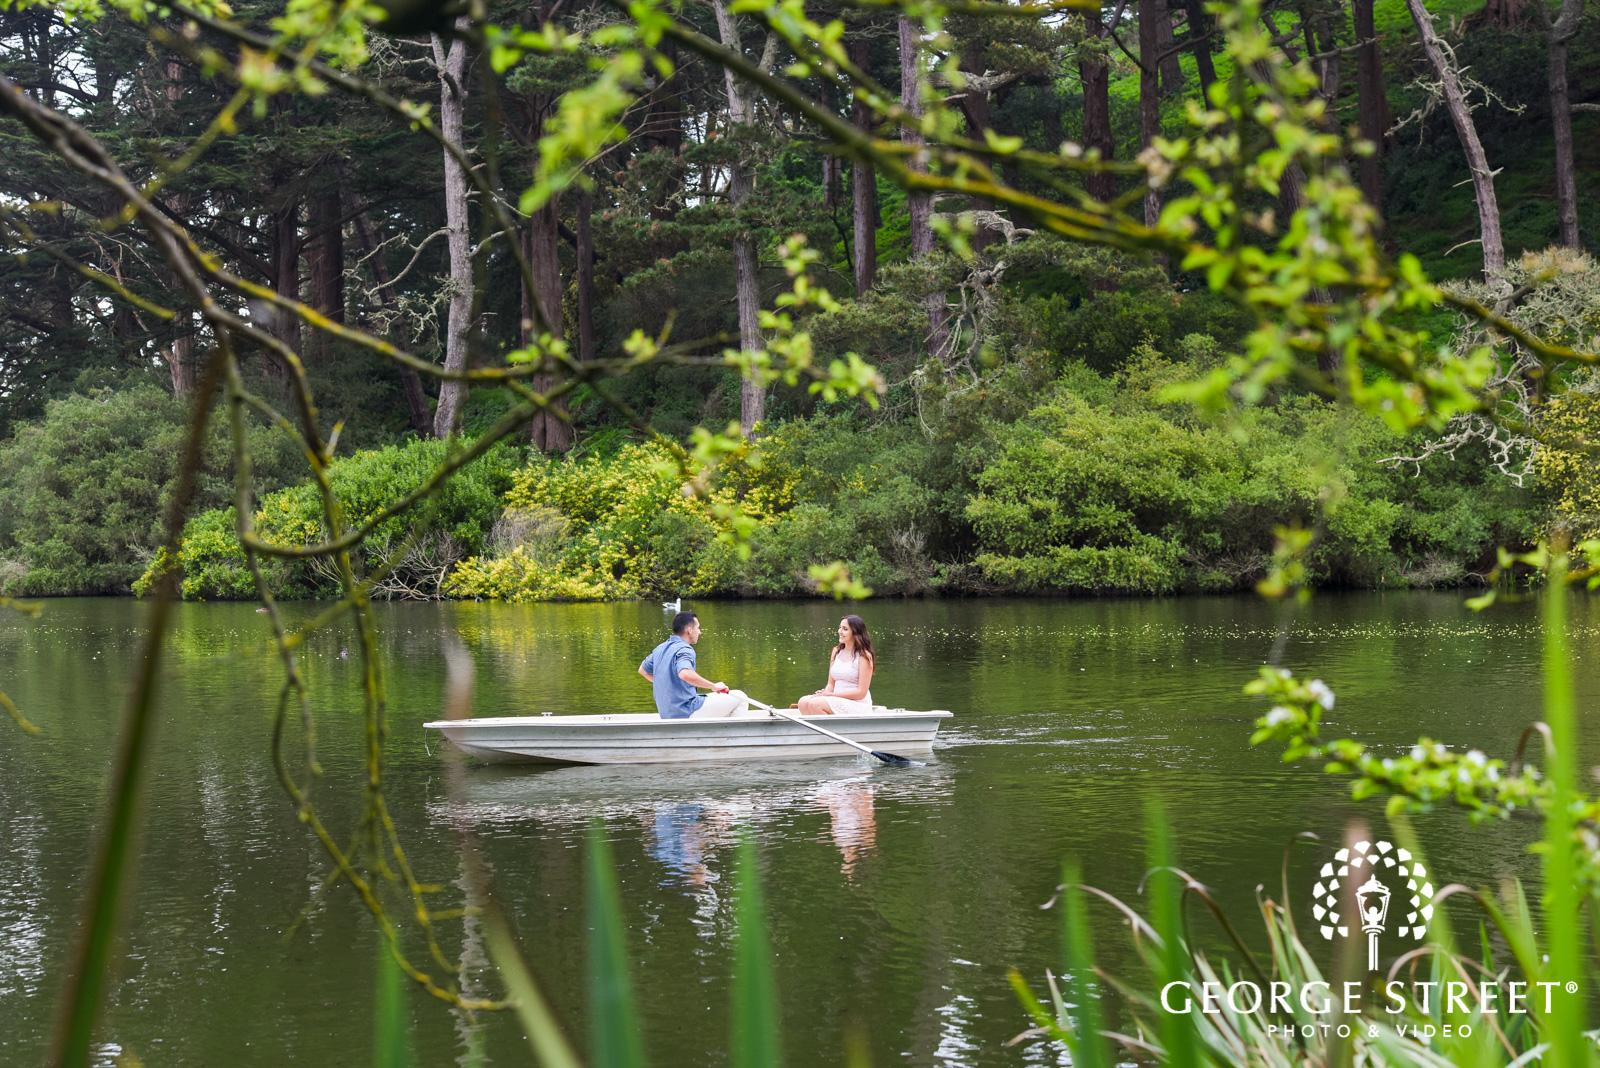 rowboat on lake engagement photos 3